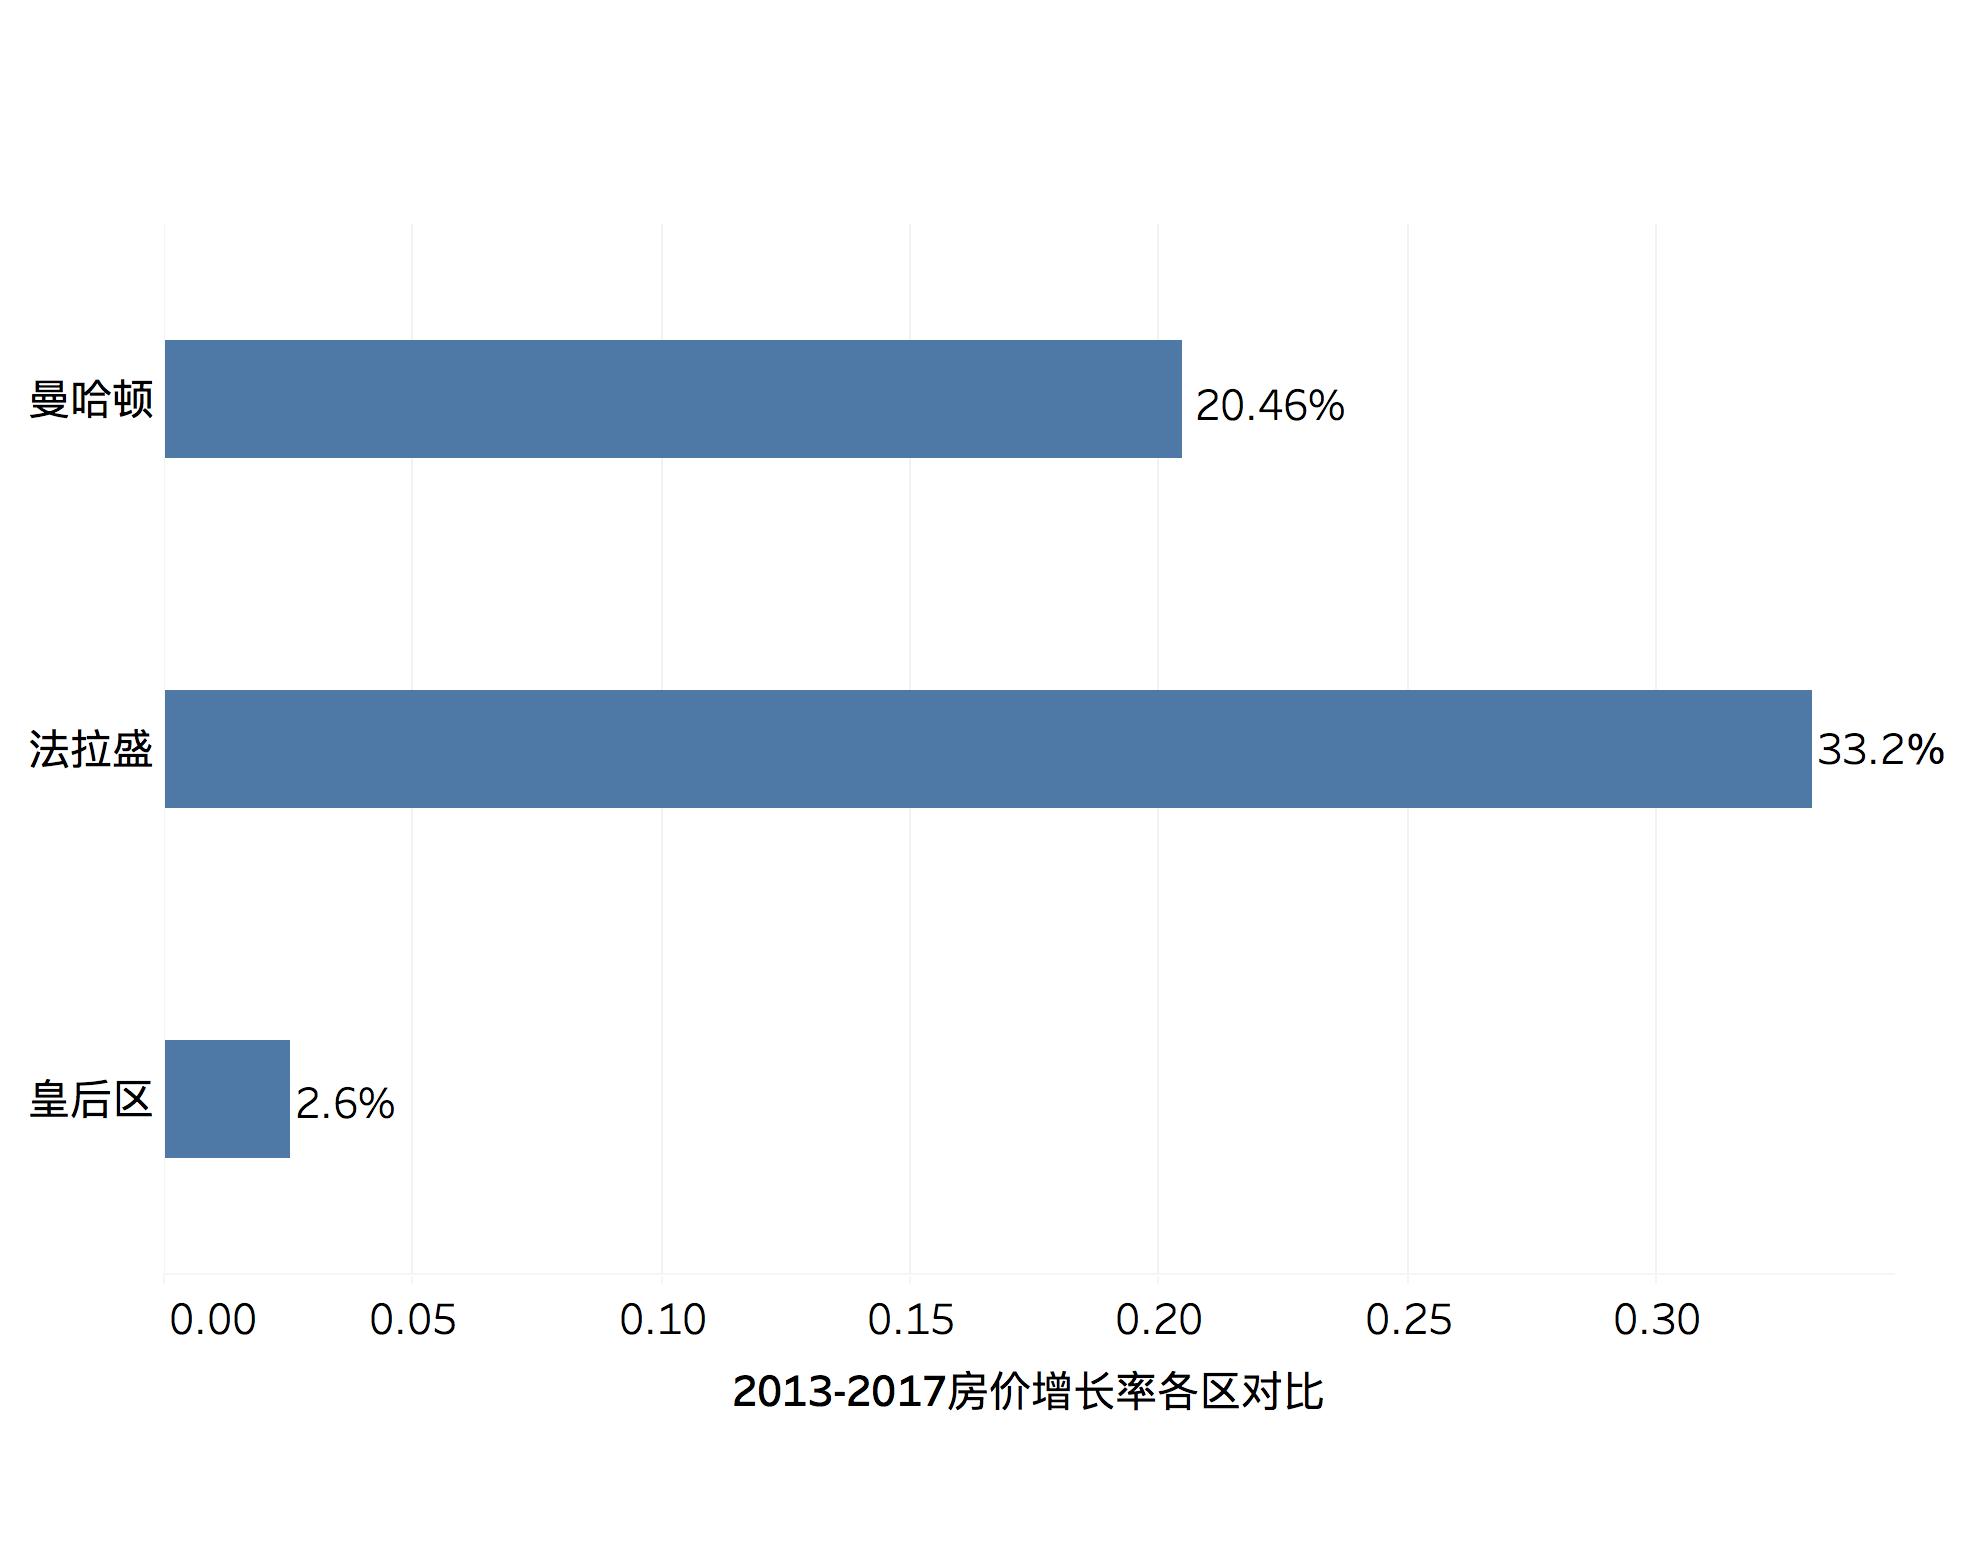 2013-2017房价增长率各区对比